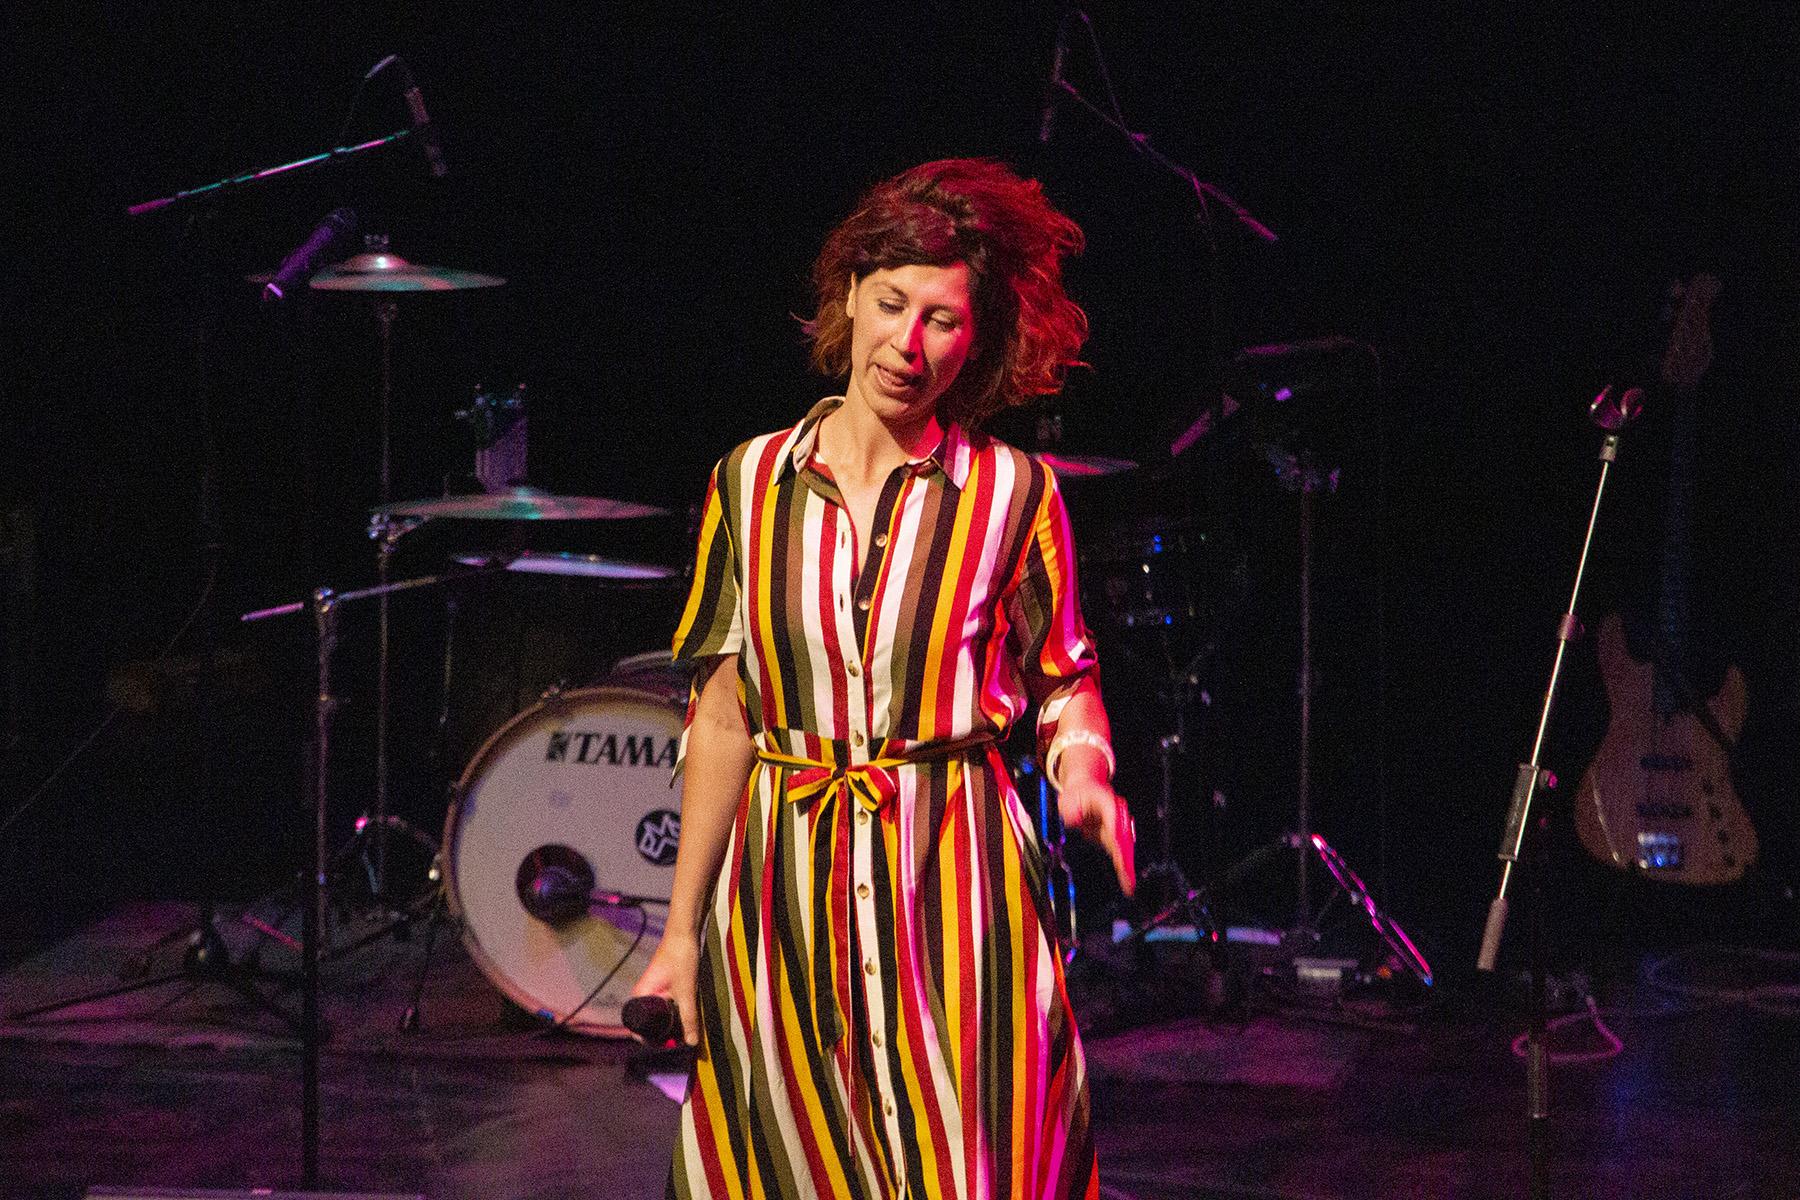 The Stage – Het optreden van Karlijn Vlaardingerbroek